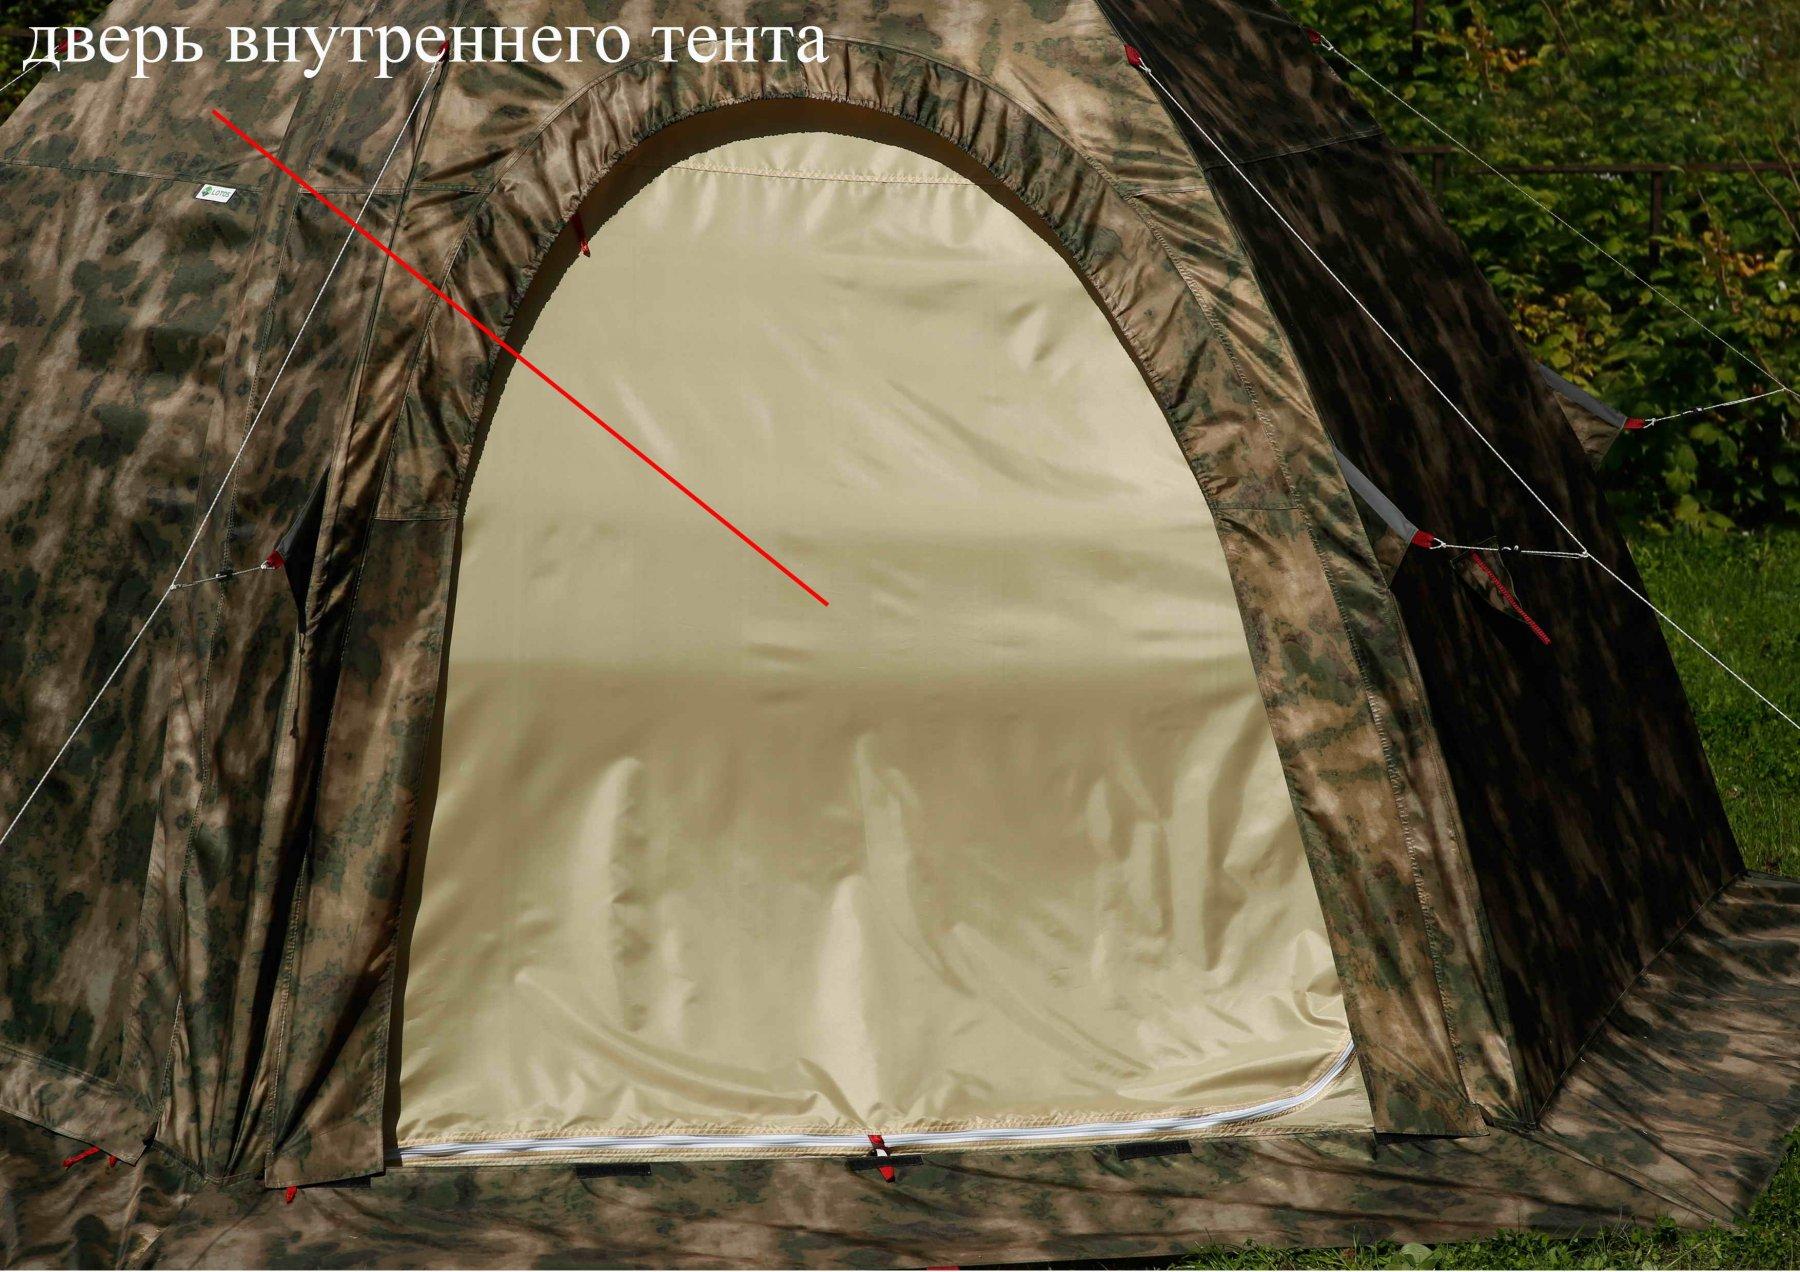 купить палатку лотос 5 универсал